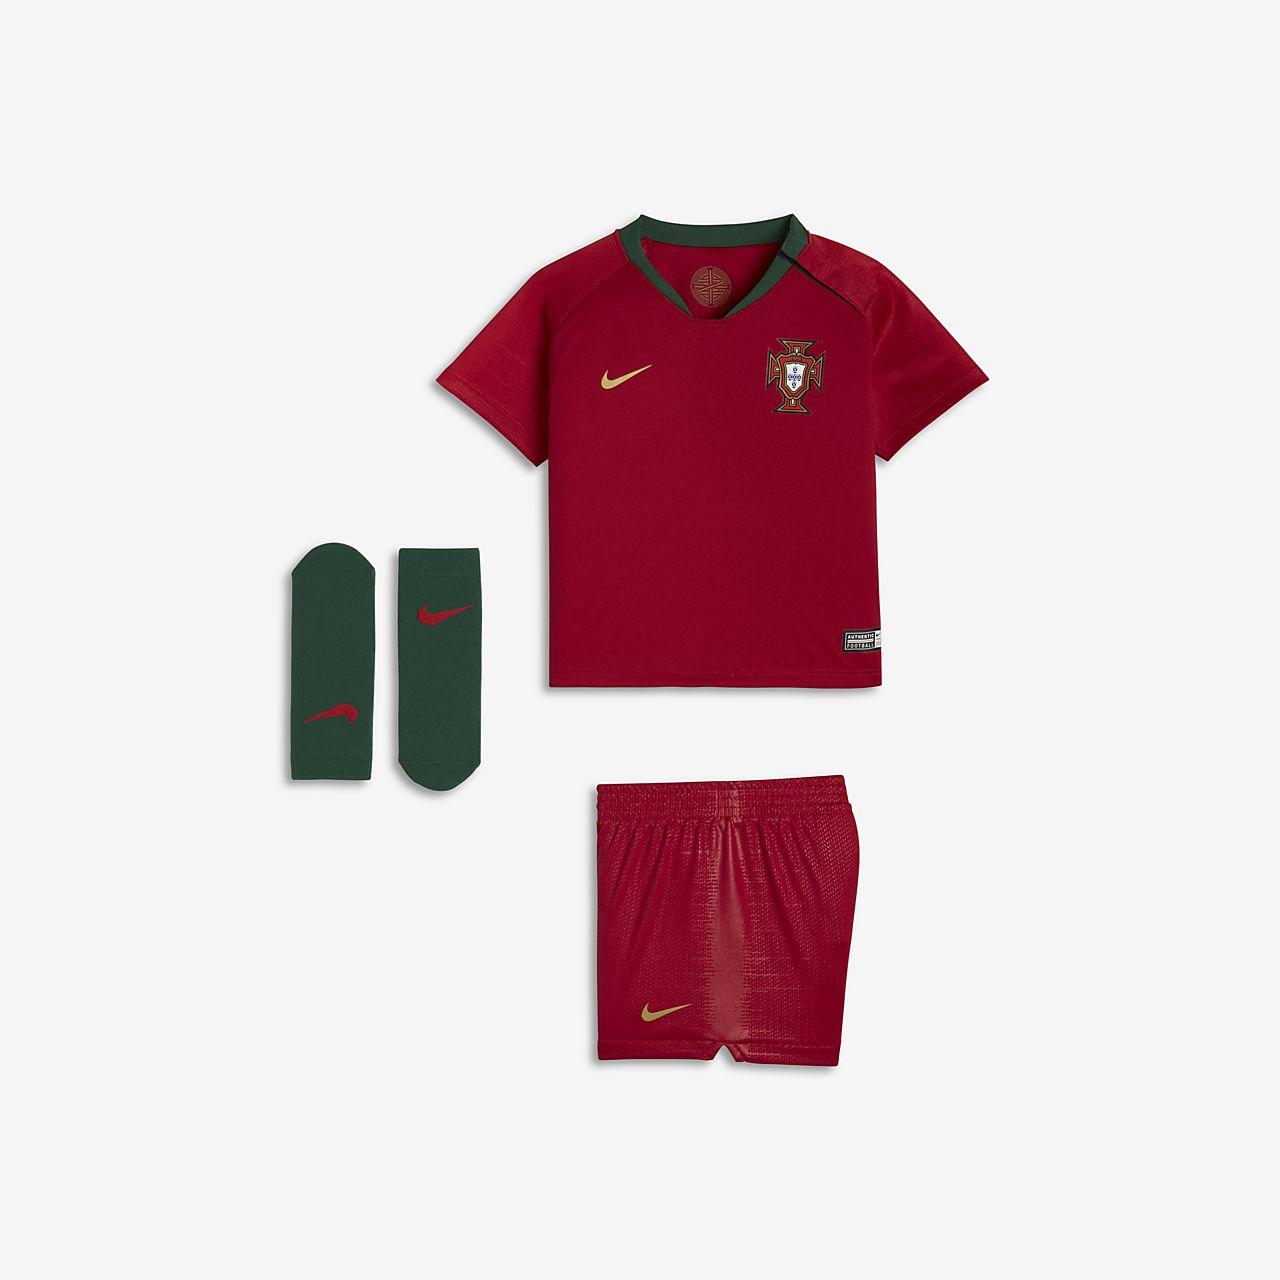 2018 Portugal Stadium Home Fußballtrikot-Set für Kleinkinder